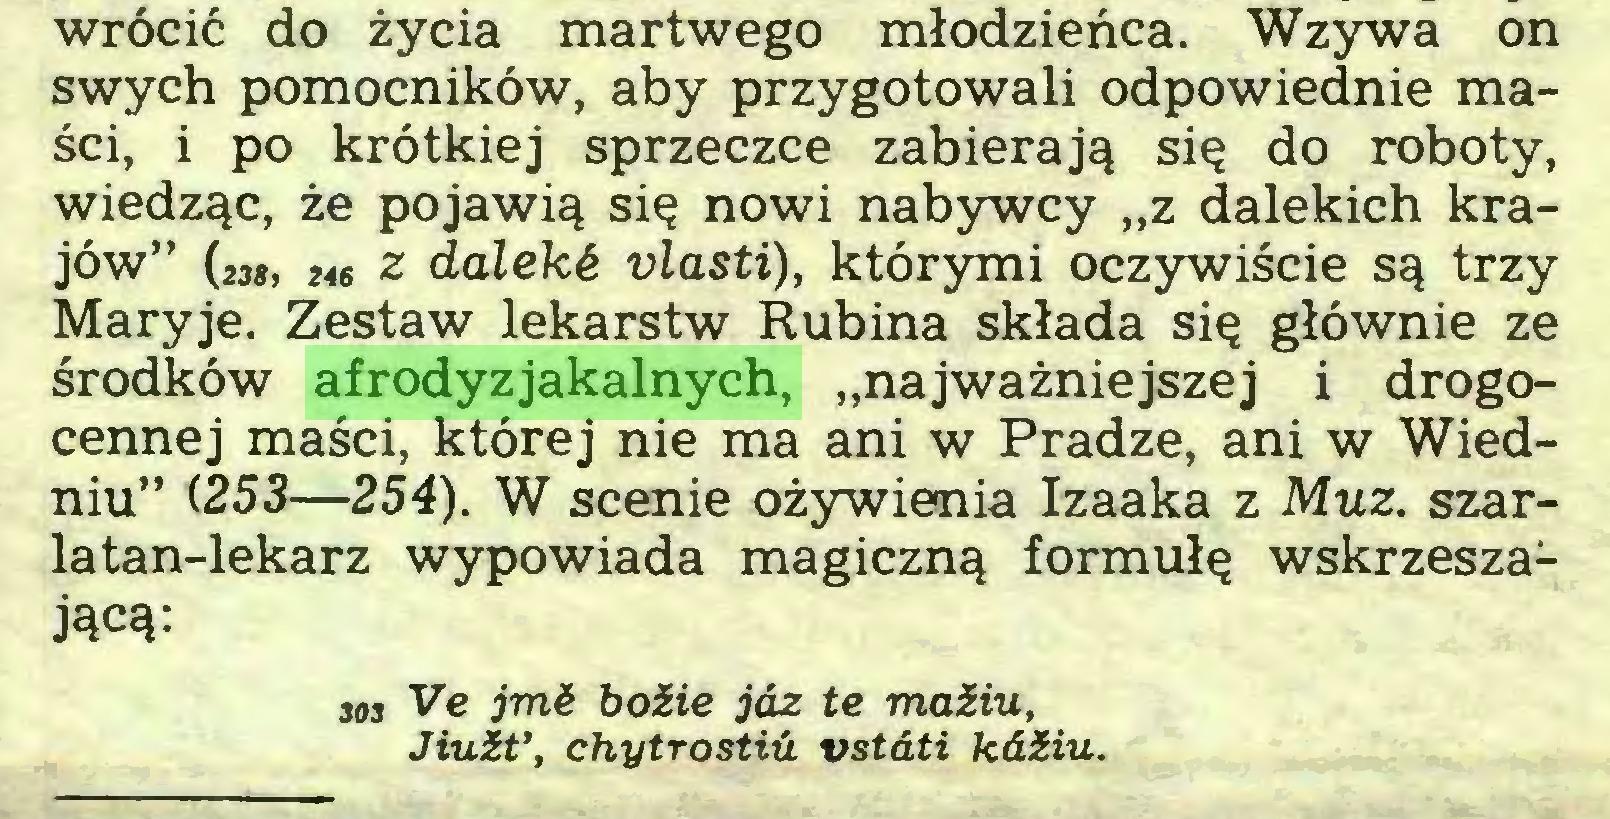 """(...) wrócić do życia martwego młodzieńca. Wzywa on swych pomocników, aby przygotowali odpowiednie maści, i po krótkiej sprzeczce zabierają się do roboty, wiedząc, że pojawią się nowi nabywcy """"z dalekich krajów"""" (238, ¡te z daleki vlasti), którymi oczywiście są trzy Maryje. Zestaw lekarstw Rubina składa się głównie ze środków afrodyzjakalnych, """"najważniejszej i drogocennej maści, której nie ma ani w Pradze, ani w Wiedniu"""" (253—254). W scenie ożywienia Izaaka z Muz. szarlatan-lekarz wypowiada magiczną formułę wskrzeszającą: ¡os Ve jmć boZie jaz te maZiu, JiuZt', chytrostiii vstdti kdZiu..."""